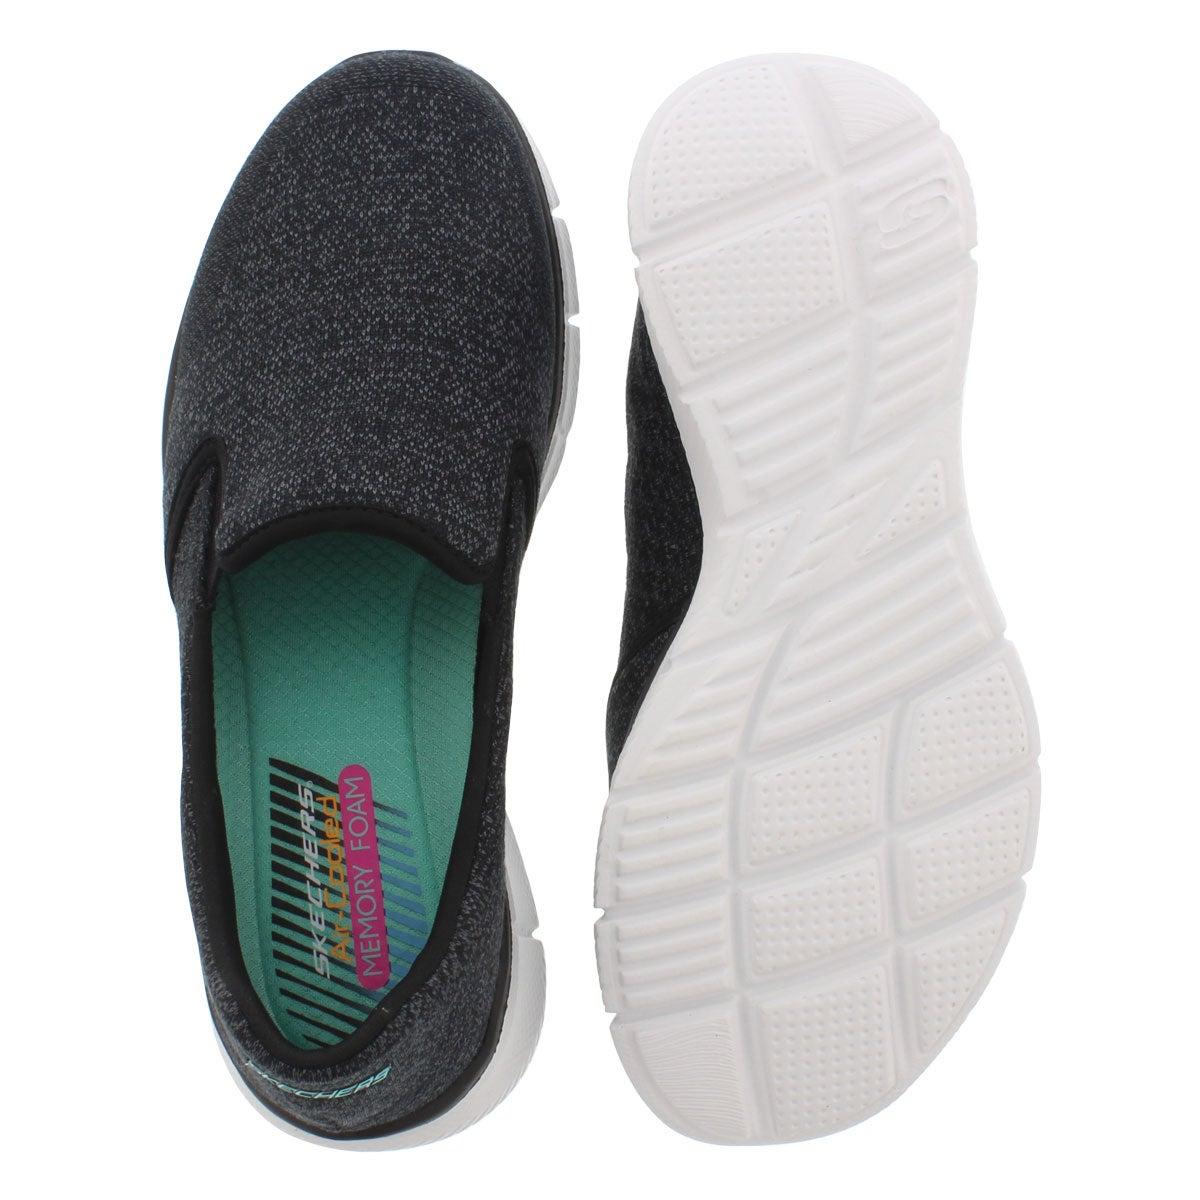 Lds Say Something black slip on sneaker